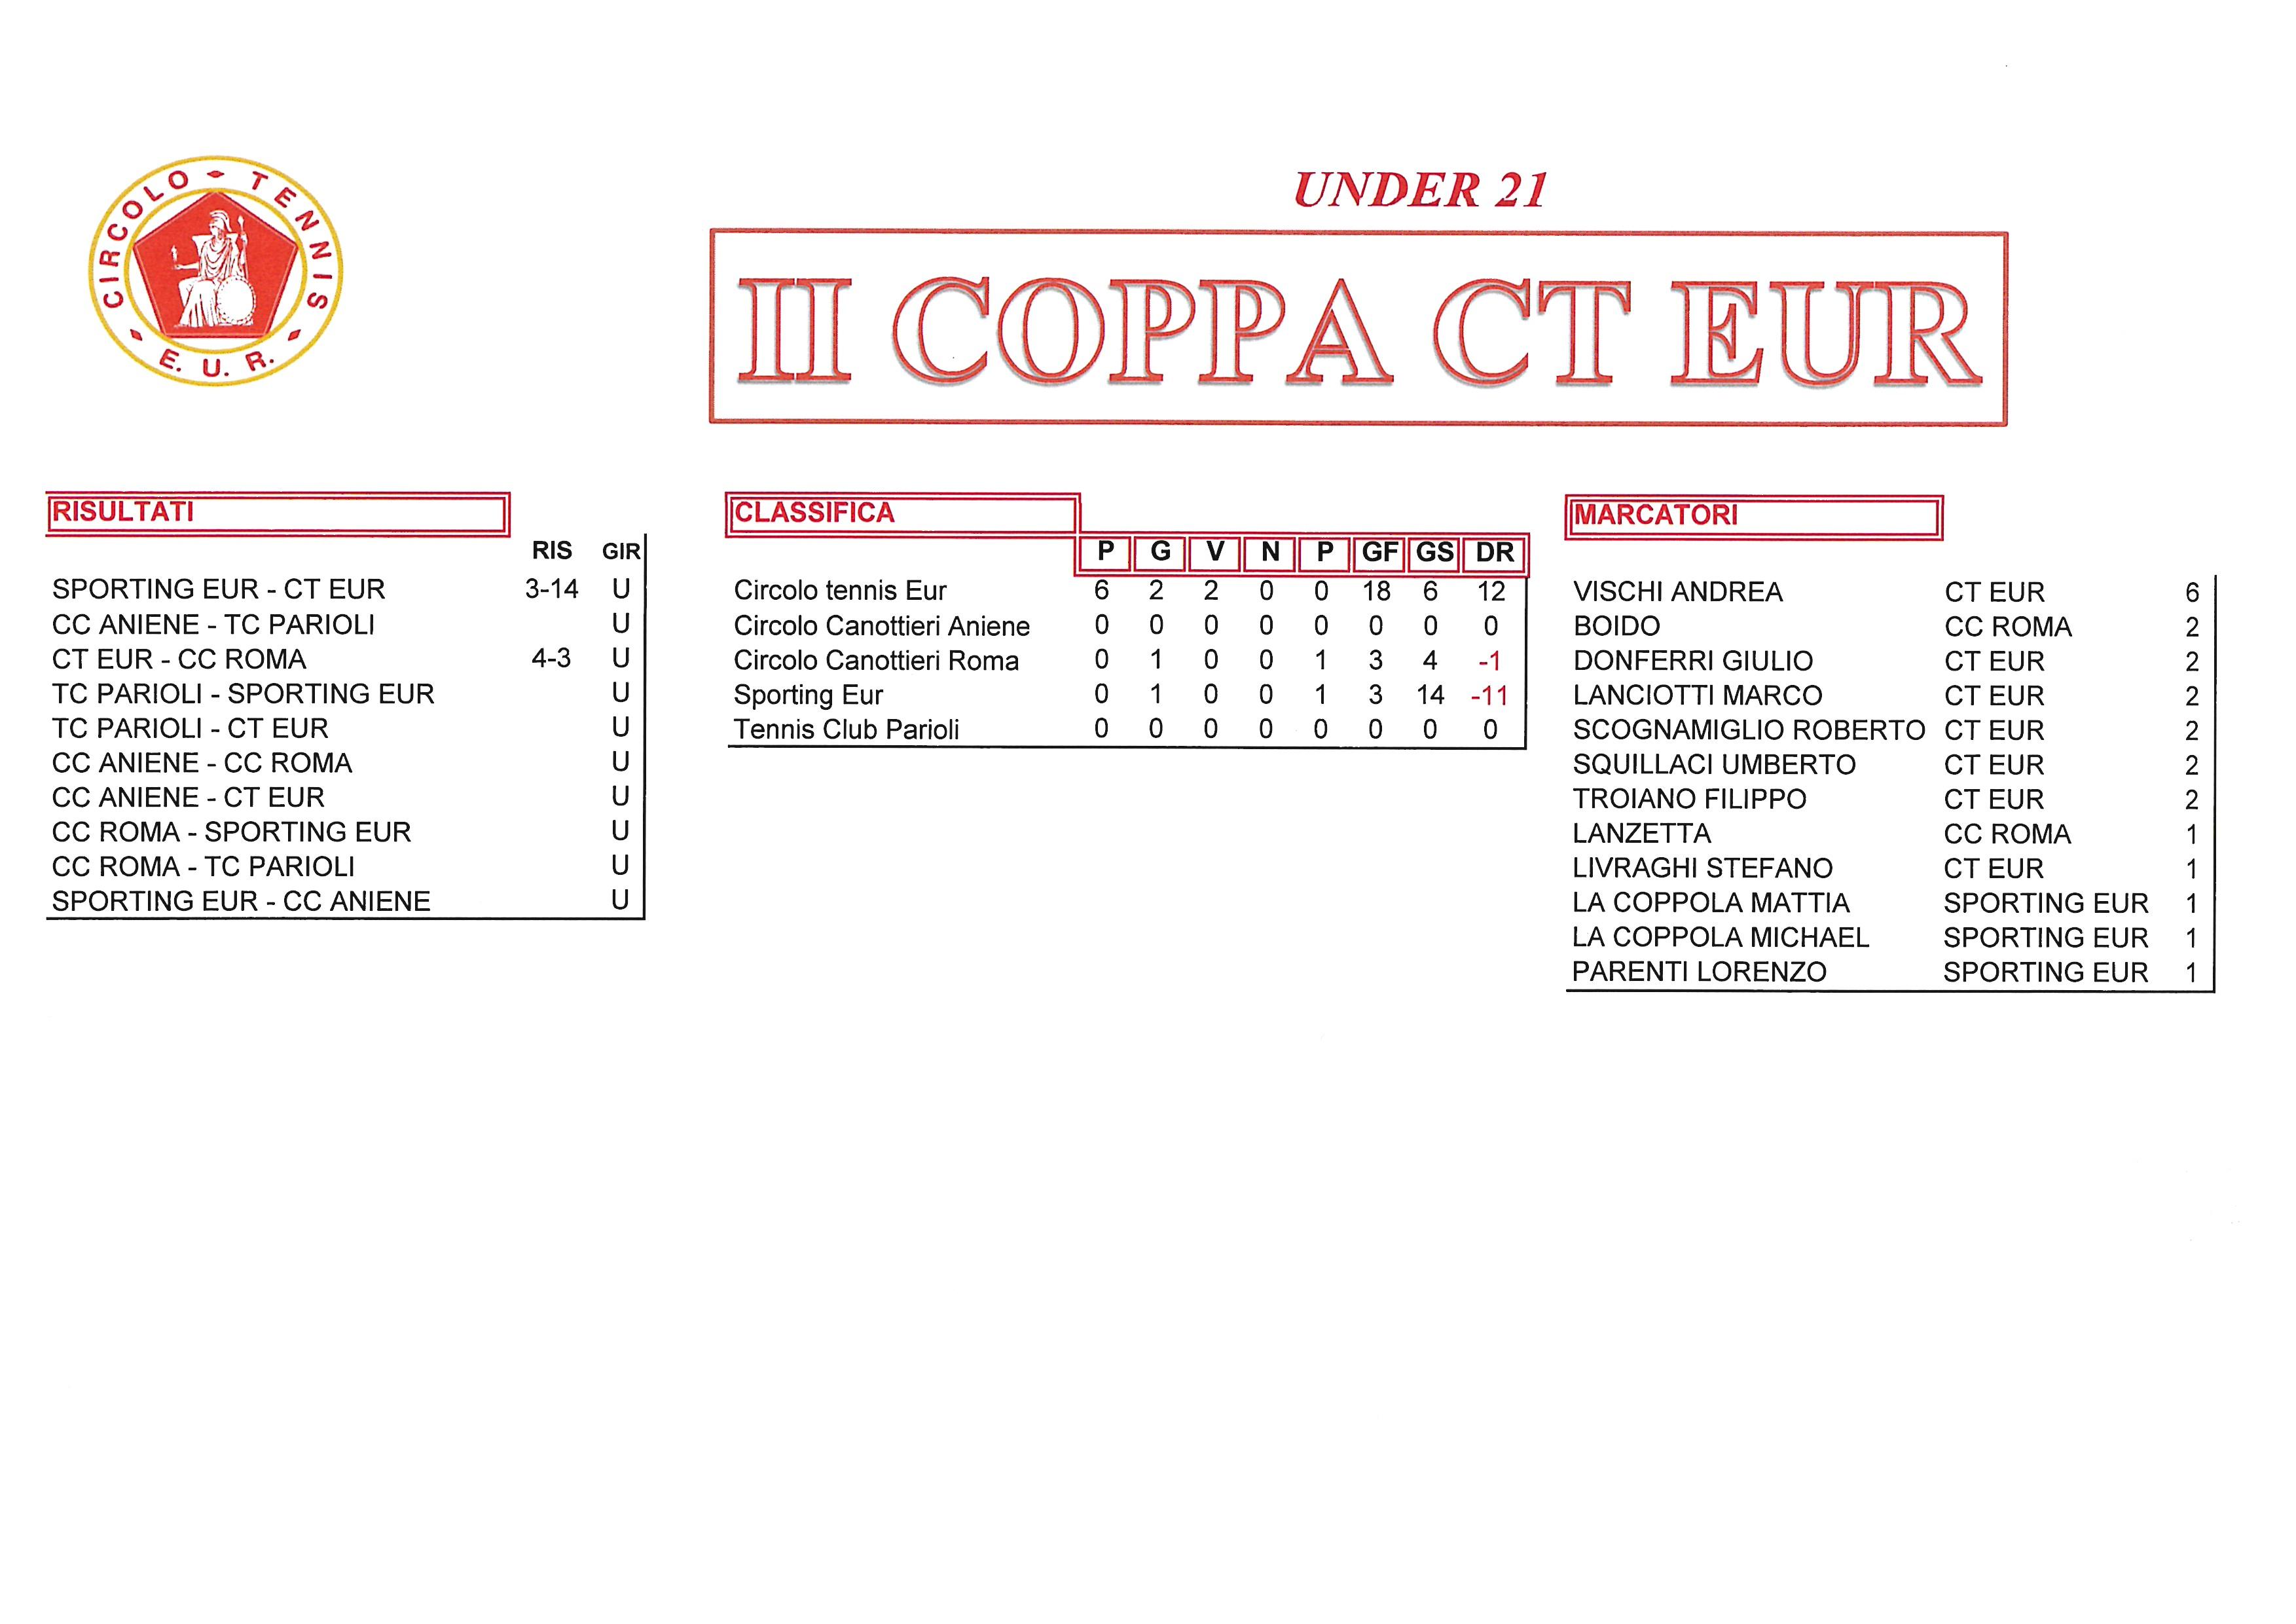 Coppa-CT-Eur-risultati-del-26-settembre-2017-Under-21